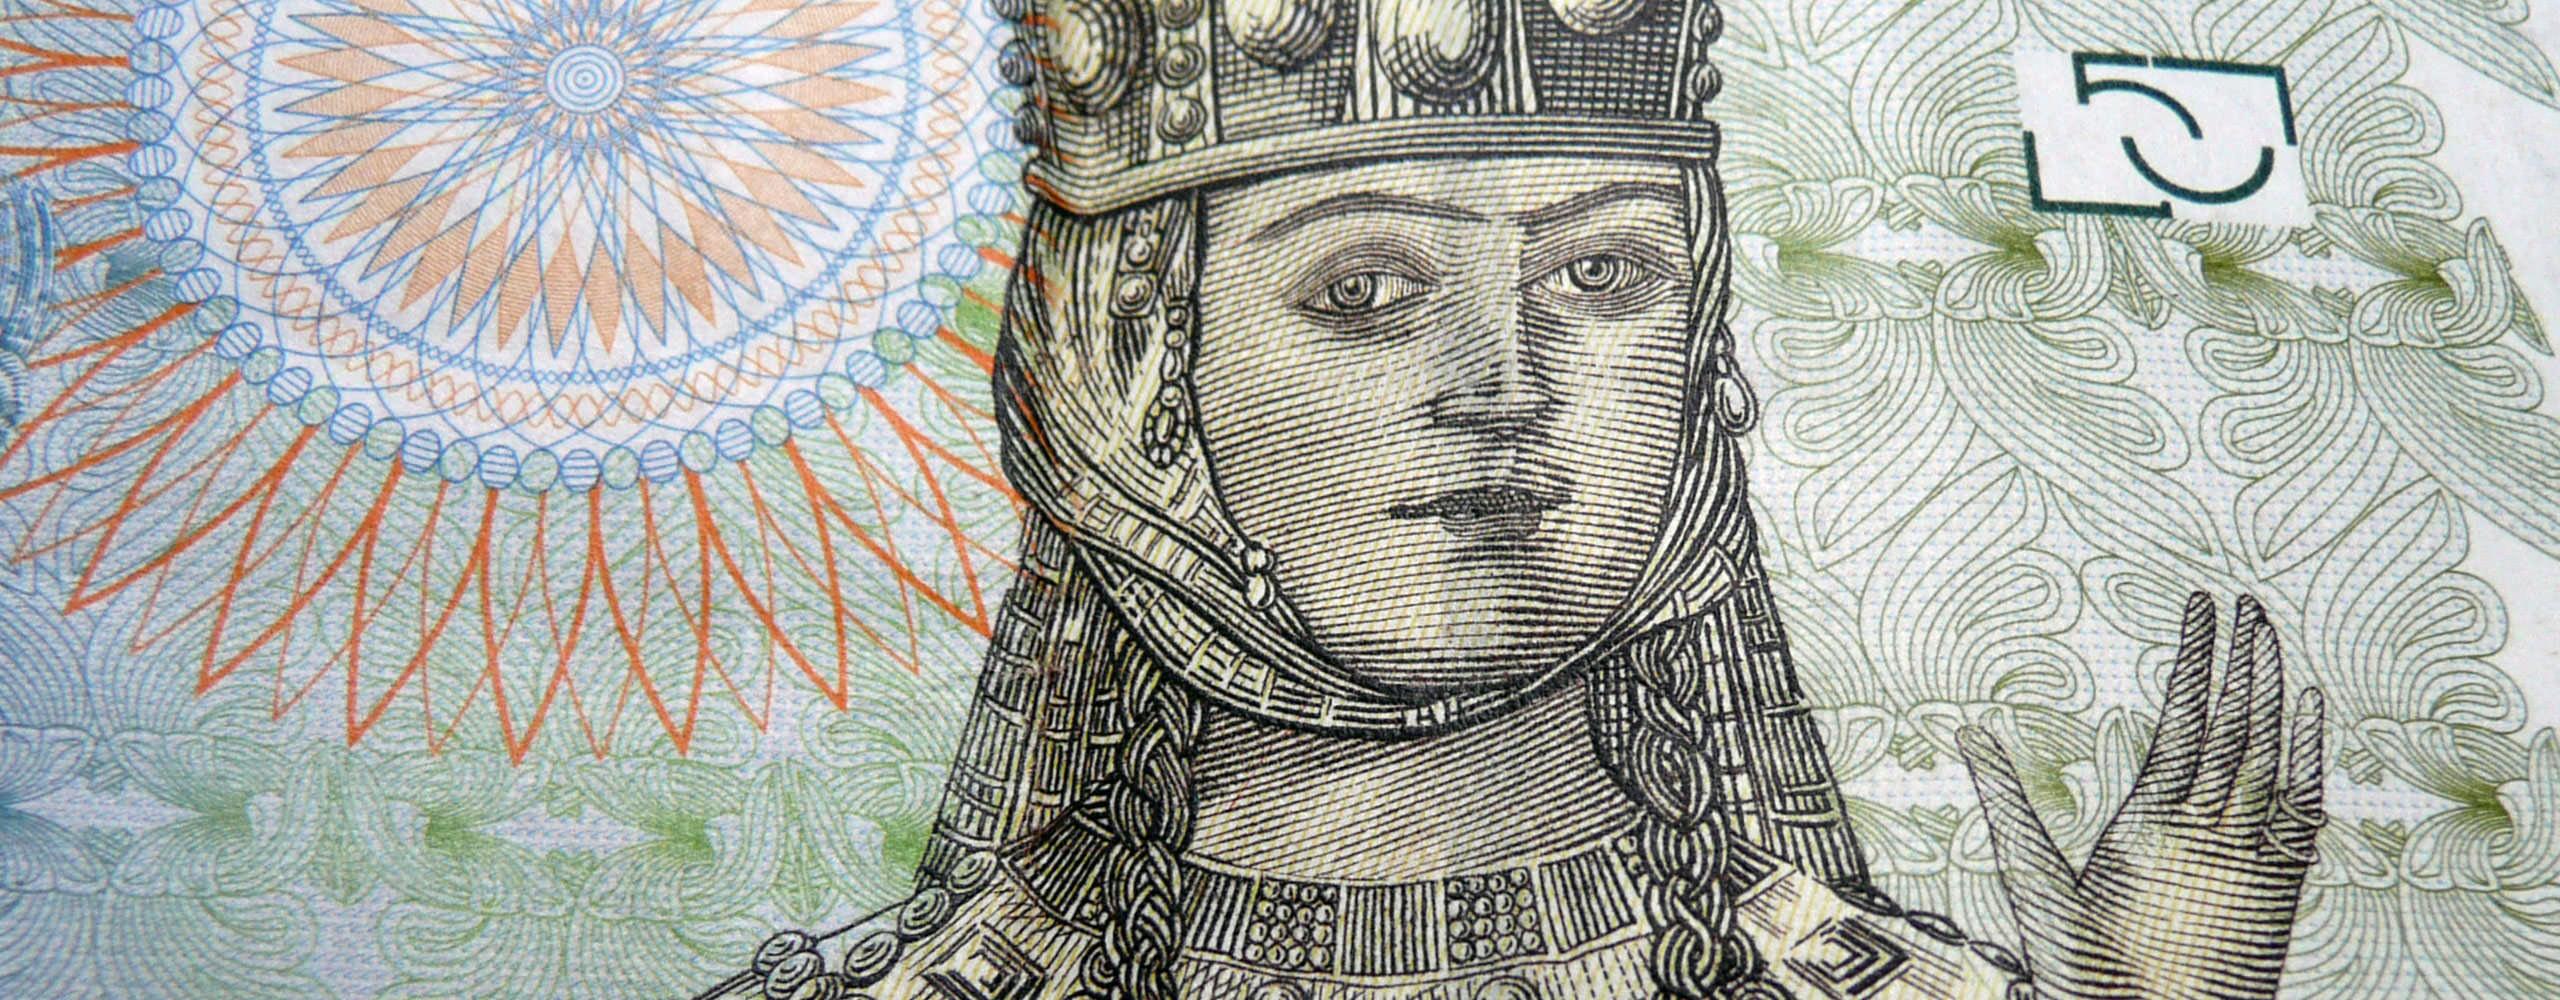 המונרכיה הגיאוגרית, סיפורה של המלכה תמר